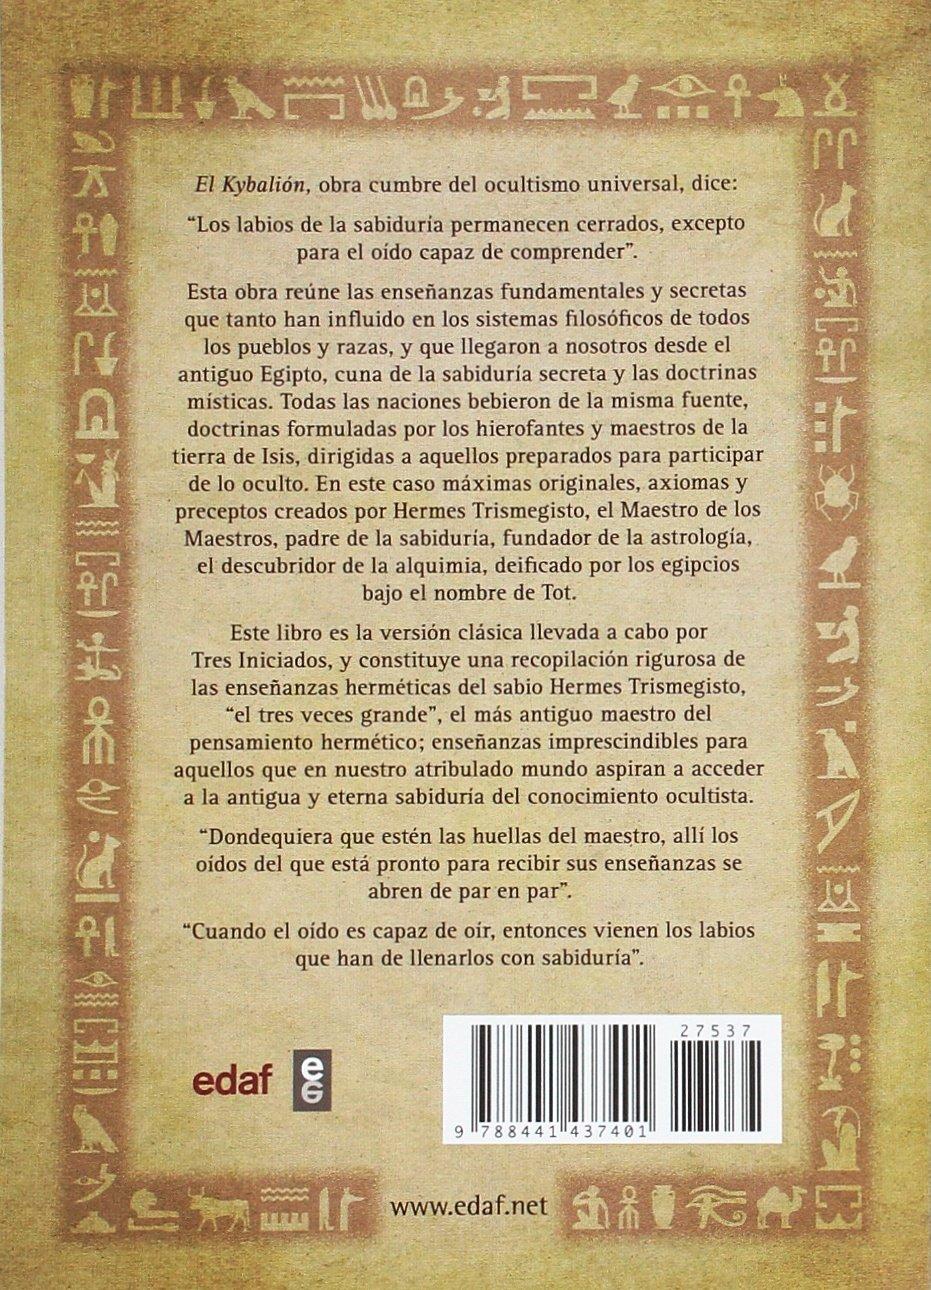 EL KYBALIÓN DE HERMES TRIMEGISTO (Tabla de Esmeralda): Amazon.es: Tres  iniciados, Federico Climent Terrer: Libros en idiomas extranjeros